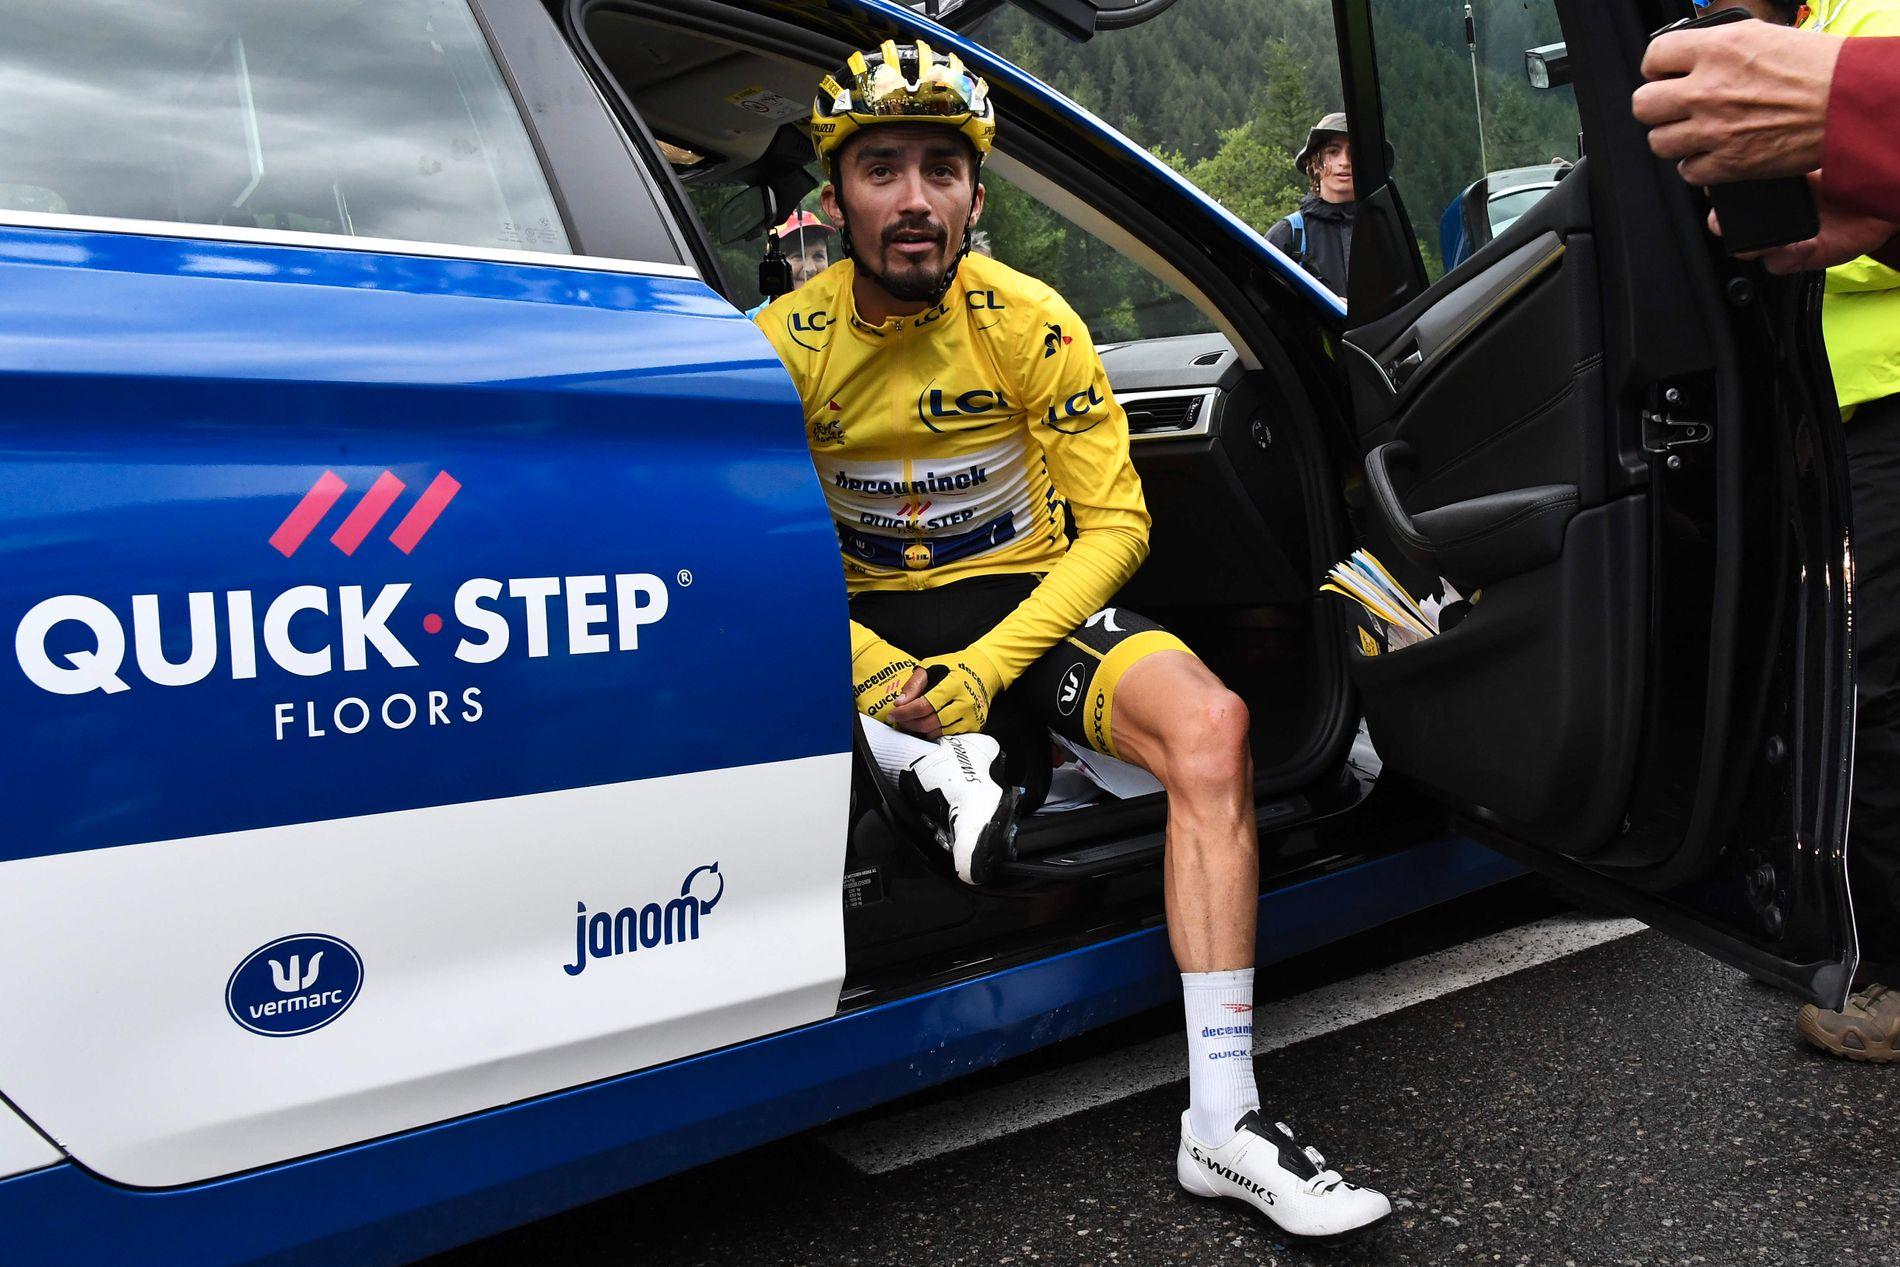 SKUFFET: Julian Alaphilippe var tydelig misfornøyd etter å ha mistet den gule trøyen på den 19. etappen.